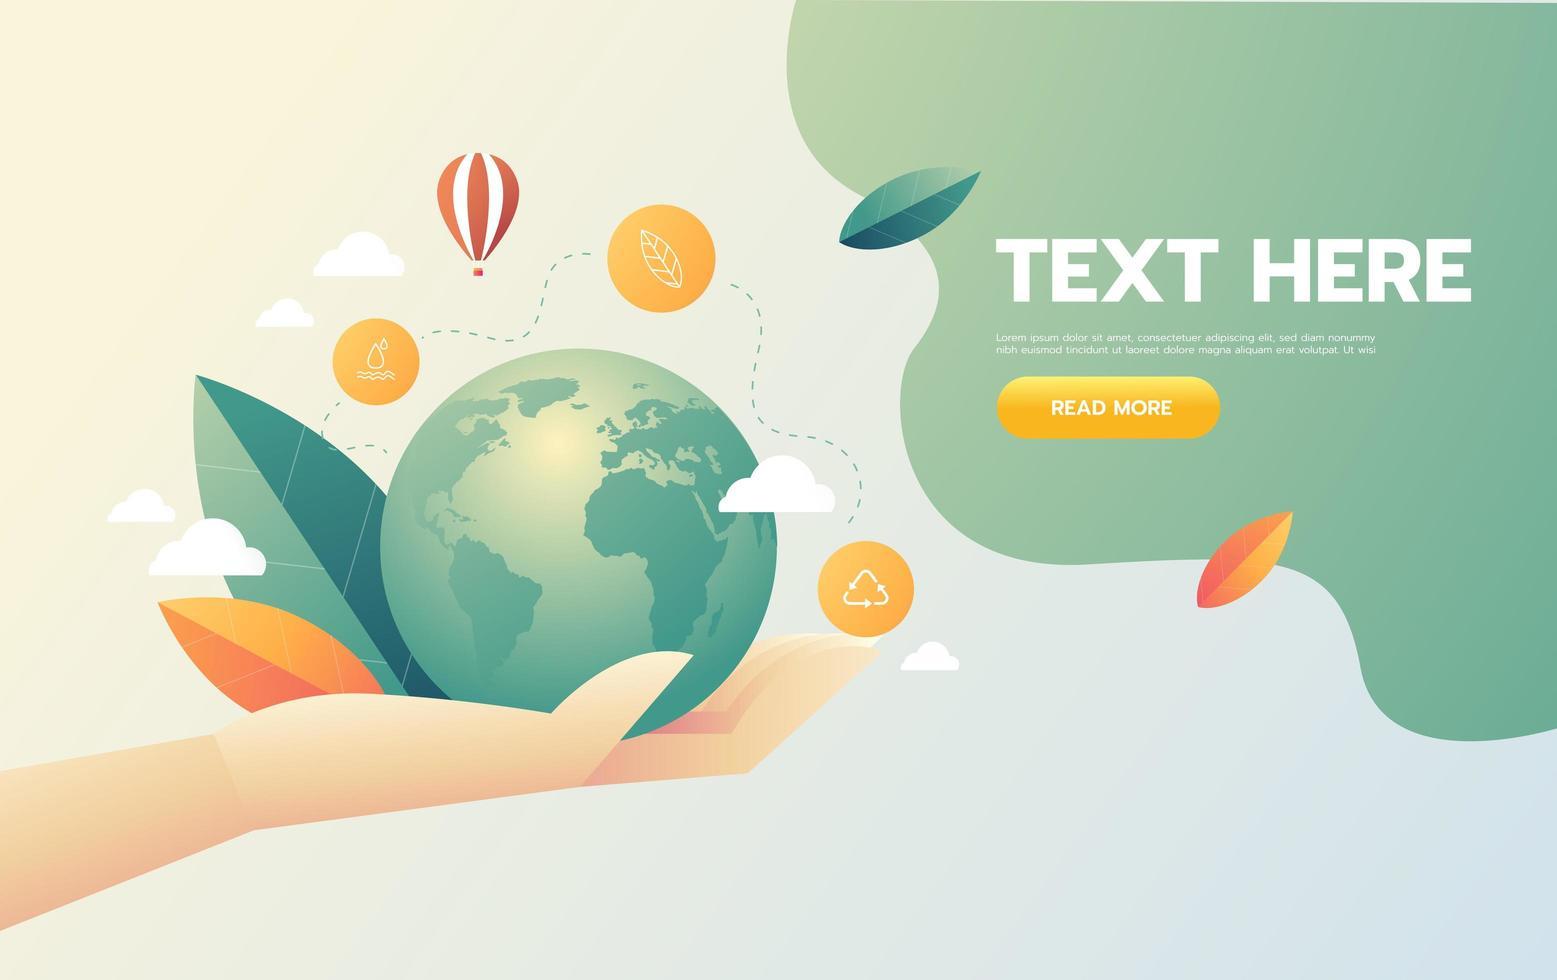 Mano sujetando el concepto de icono de negocio ecológico mundial vector